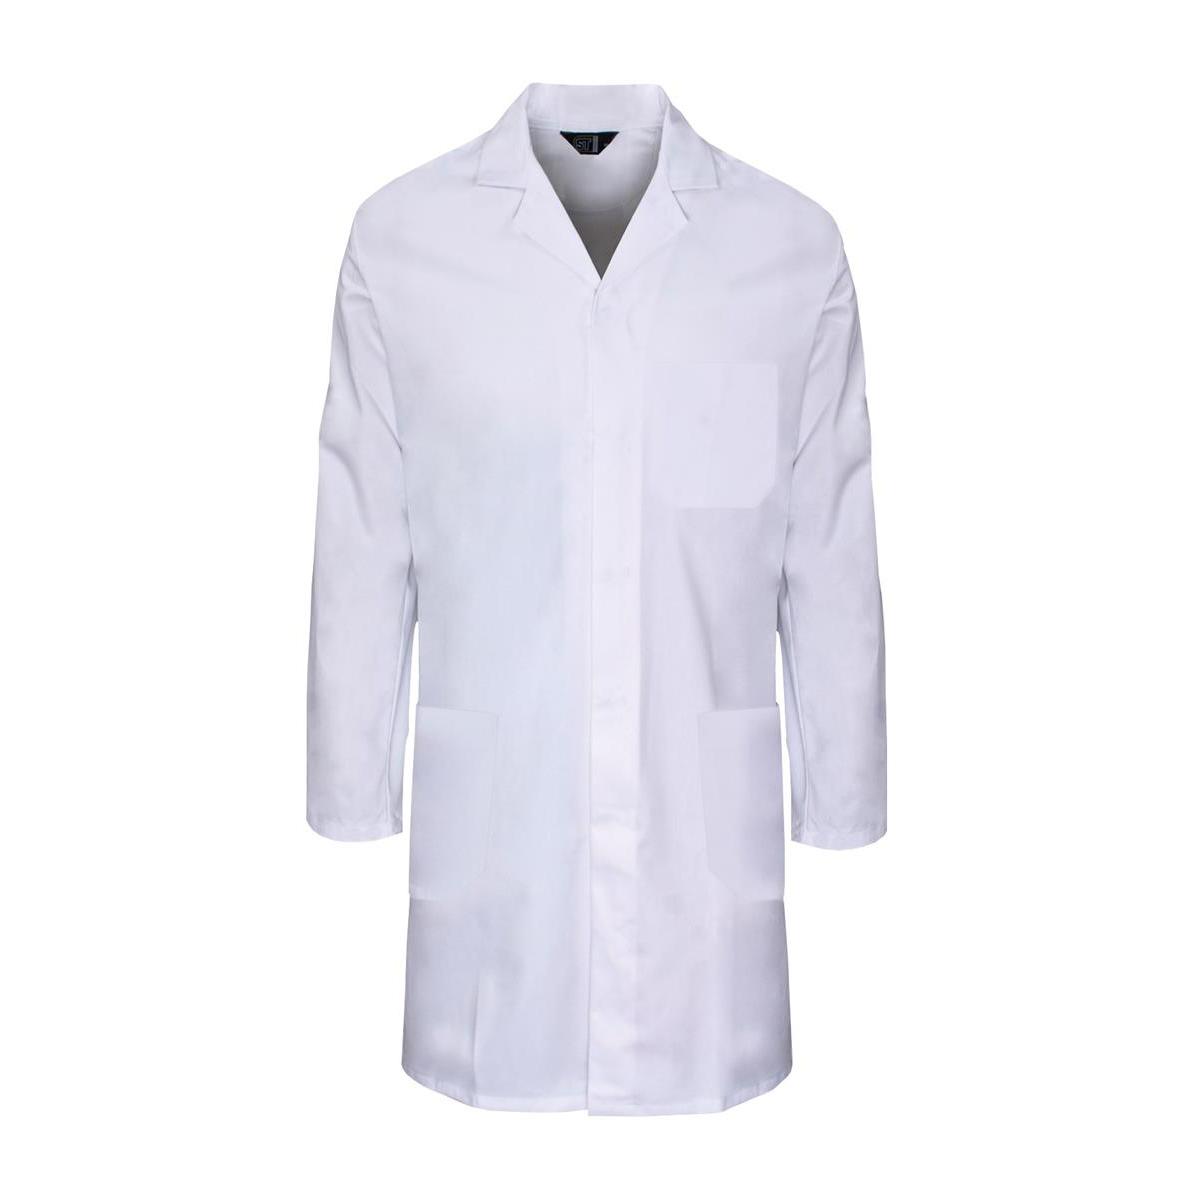 Lab Coat Polycotton with 3 Pockets XXXXLarge White Ref PCWCW54 Approx 3 Day Leadtime